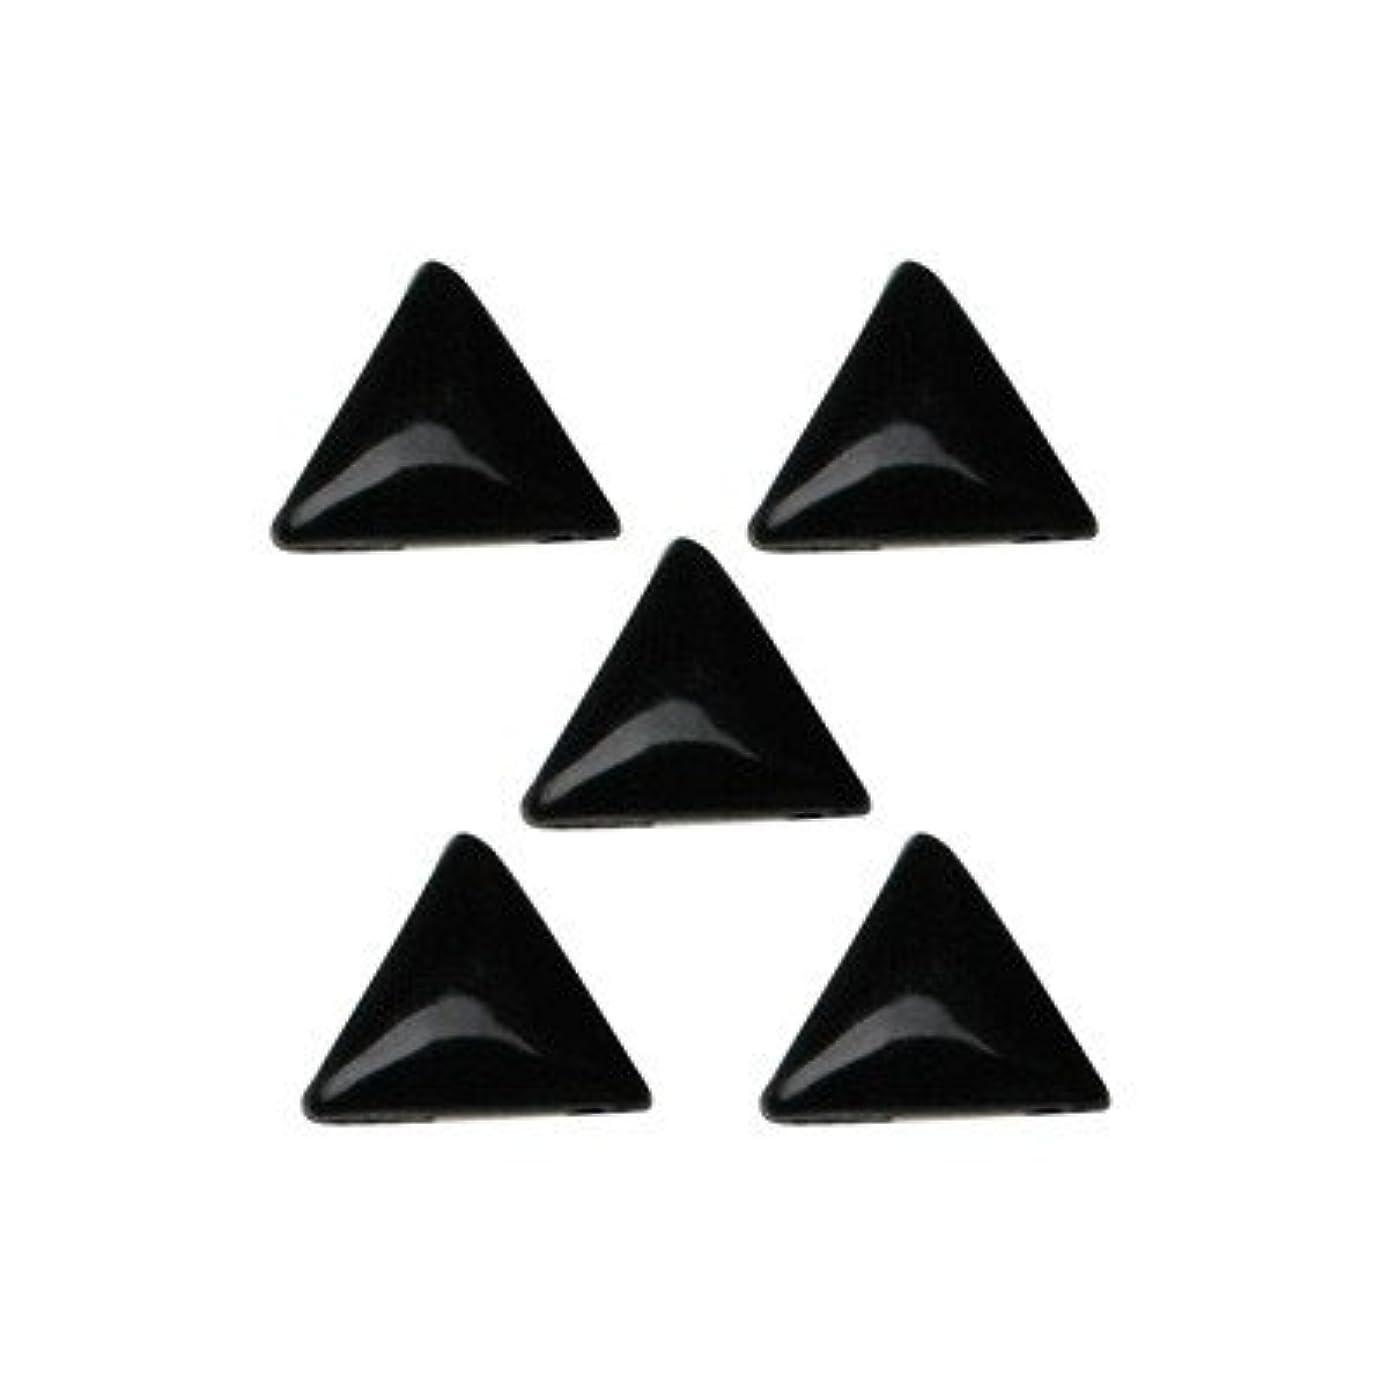 保守的監査ゴミ箱を空にするB151 エムプティ プレミアムスタッズ made in Japan/トライアングル 3×3mm